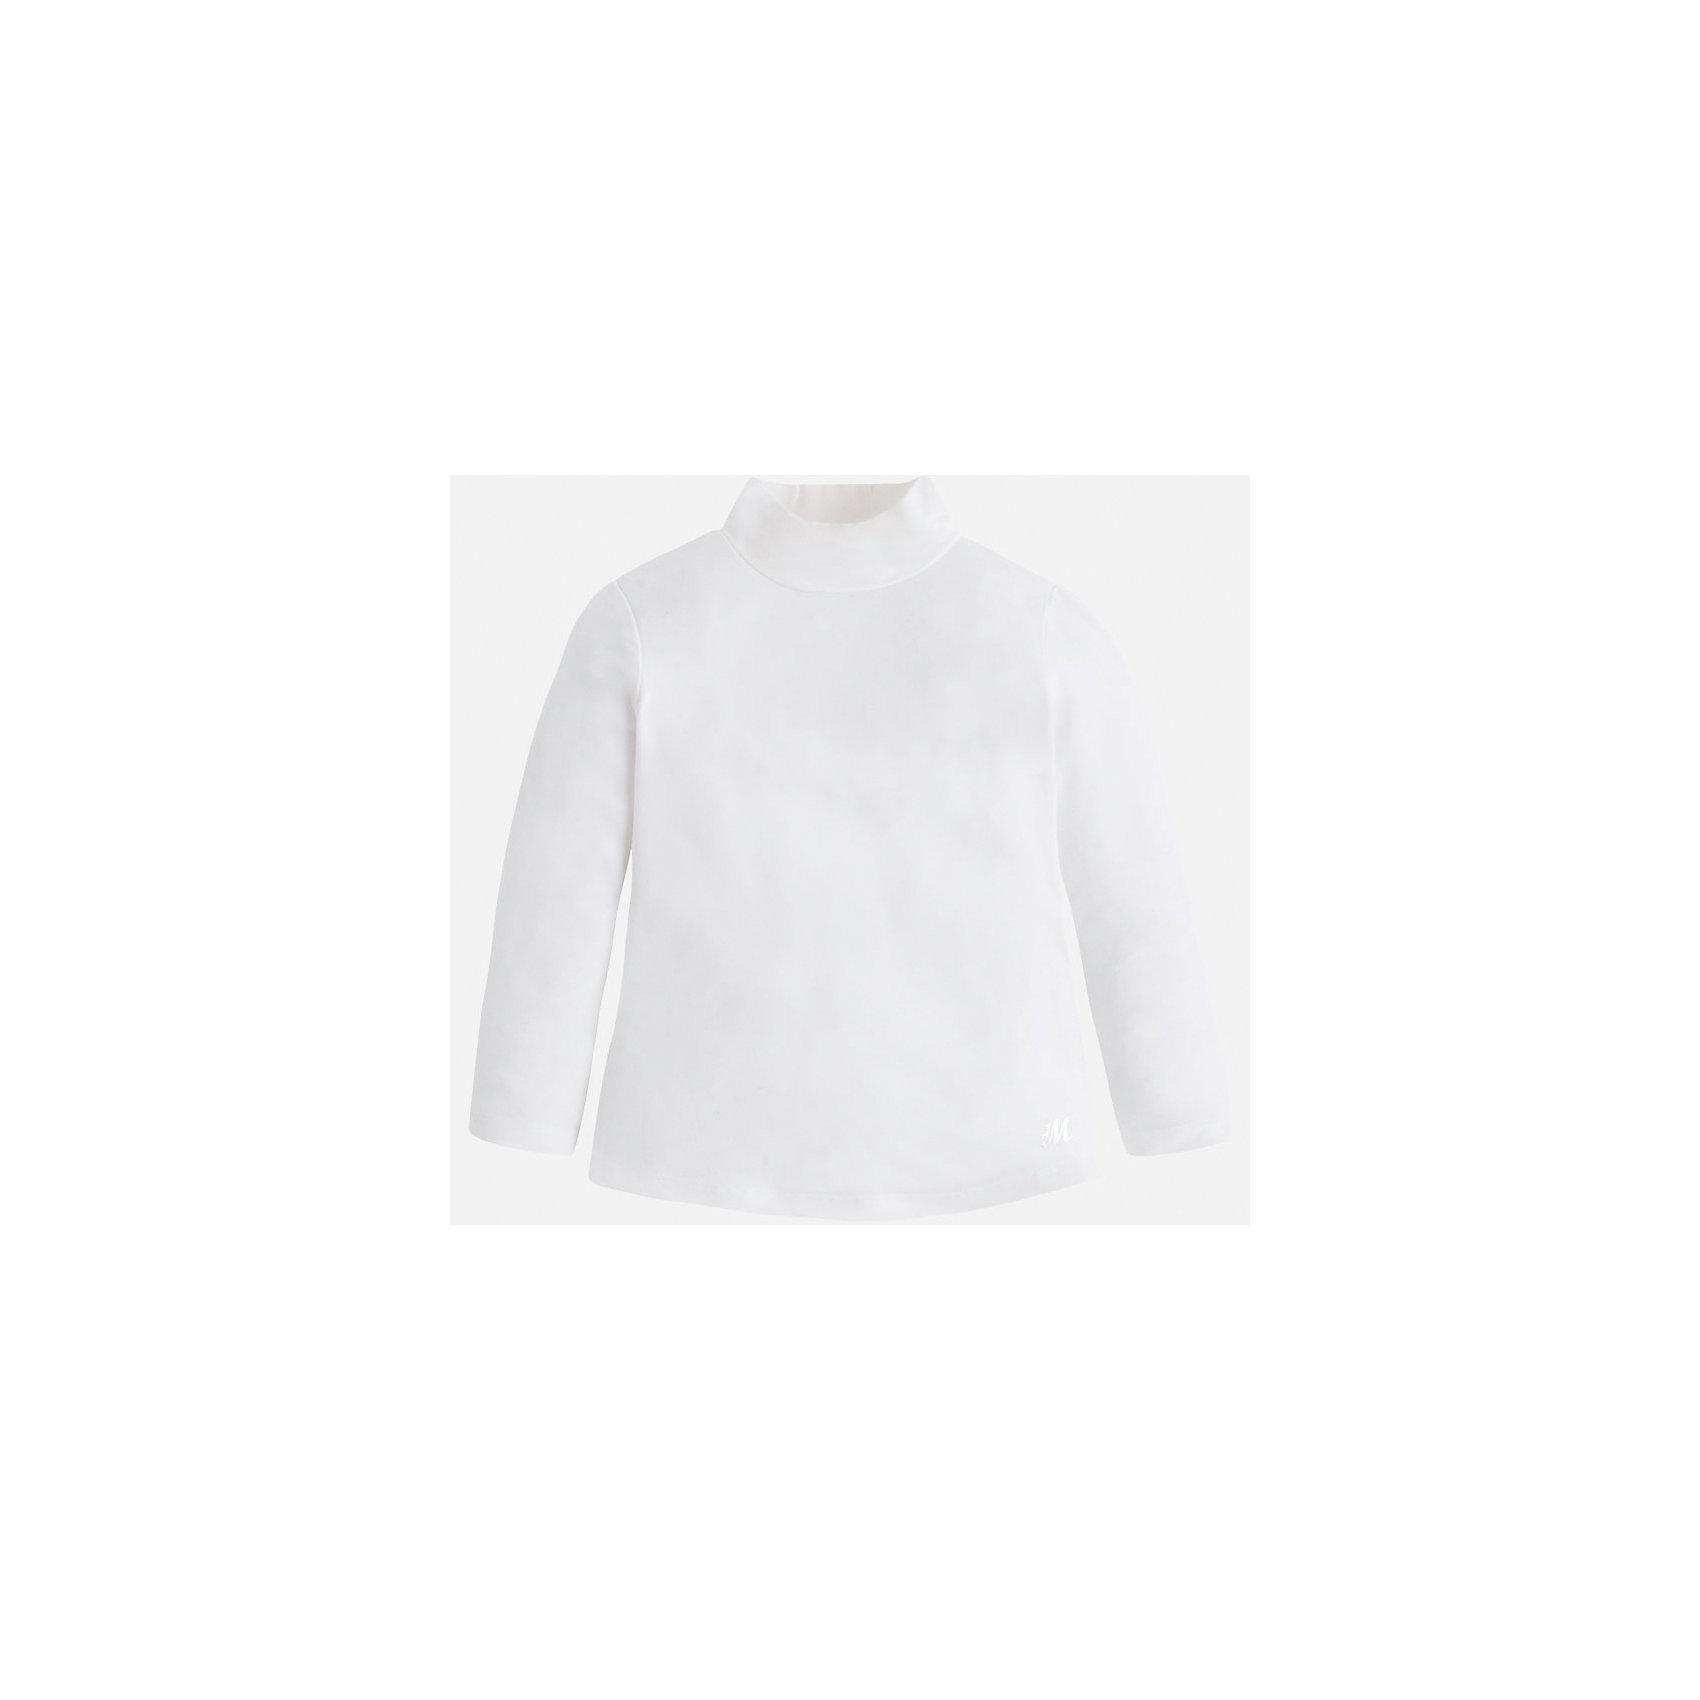 Футболка для девочки MayoralВодолазки<br>Футболка для девочки от известного испанского бренда Mayoral (Майорал). Эта стильная и удобная футболка с длинным рукавом и горловиной сочетает в себе стиль и простоту. Приятный бело-кремовый цвет и небольшая нашивка с логотипом бренда придут по вкусу вашей моднице. У футболки свободный крой, слегка расширяющийся к низу. Отличное пополнение для сезона осень-зима. К этой футболке подойдут как классические юбки и брюки, так и джинсы или штаны спортивного кроя. <br><br>Дополнительная информация:<br><br>- Силуэт: расширяющийся к низу<br>- Рукав: укороченный<br>- Длина: средняя<br><br>Состав: 95% вискоза, 5% эластан<br><br>Футболку для девочки Mayoral (Майорал) можно купить в нашем интернет-магазине.<br><br>Подробнее:<br>• Для детей в возрасте: от 4 до 9 лет<br>• Номер товара: 4845804<br>Страна производитель: Индия<br><br>Ширина мм: 199<br>Глубина мм: 10<br>Высота мм: 161<br>Вес г: 151<br>Цвет: белый<br>Возраст от месяцев: 24<br>Возраст до месяцев: 36<br>Пол: Женский<br>Возраст: Детский<br>Размер: 98,134,122,92,110,128,116,104<br>SKU: 4845804